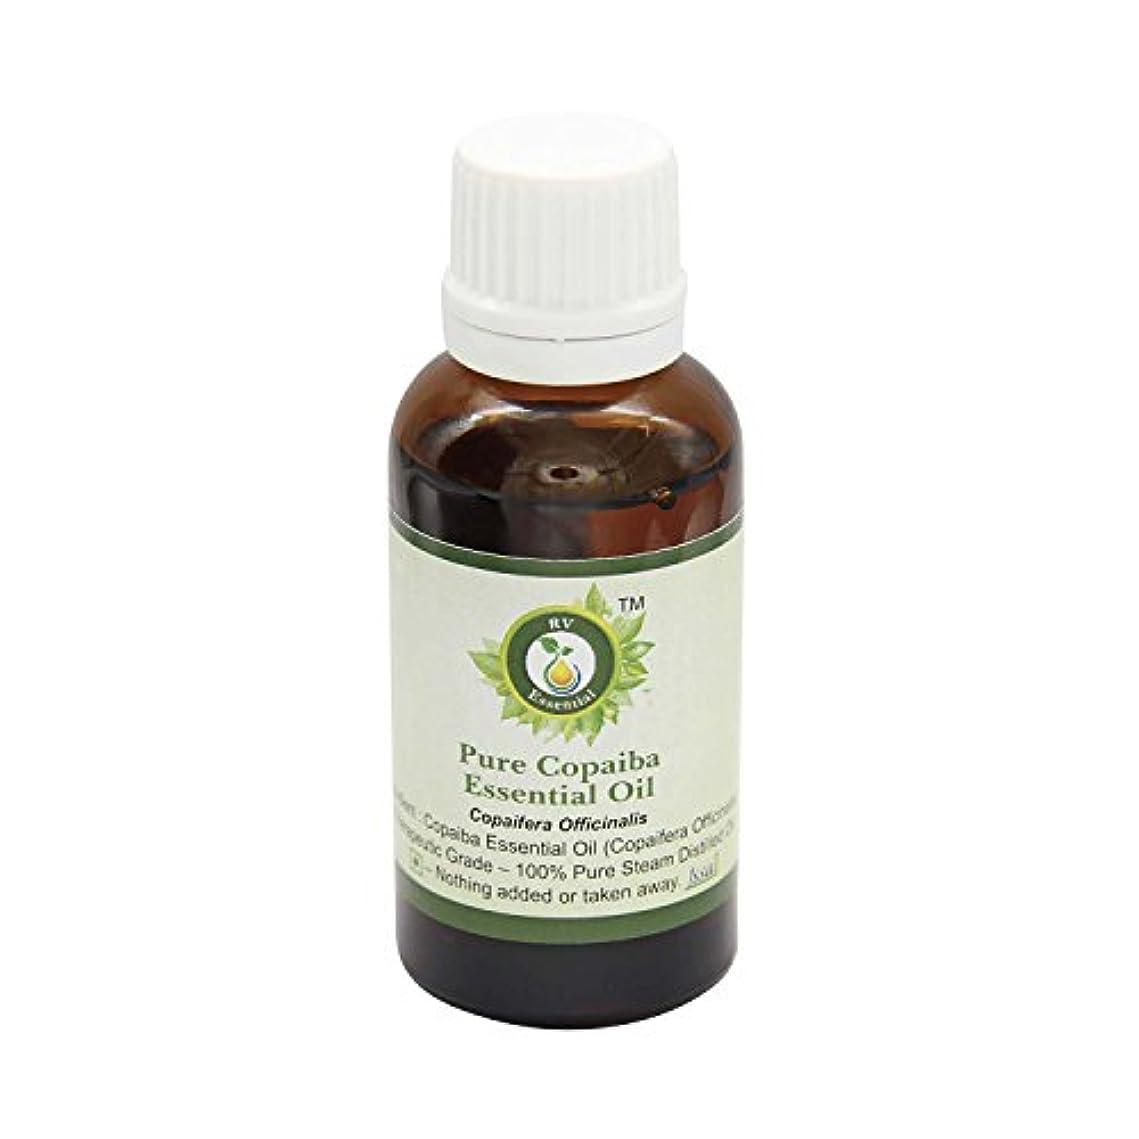 合わせて言語学旋回R V Essential ピュアコパイバエッセンシャルオイル15ml (0.507oz)- Copaifera Officinalis (100%純粋&天然スチームDistilled) Pure Copaiba Essential...